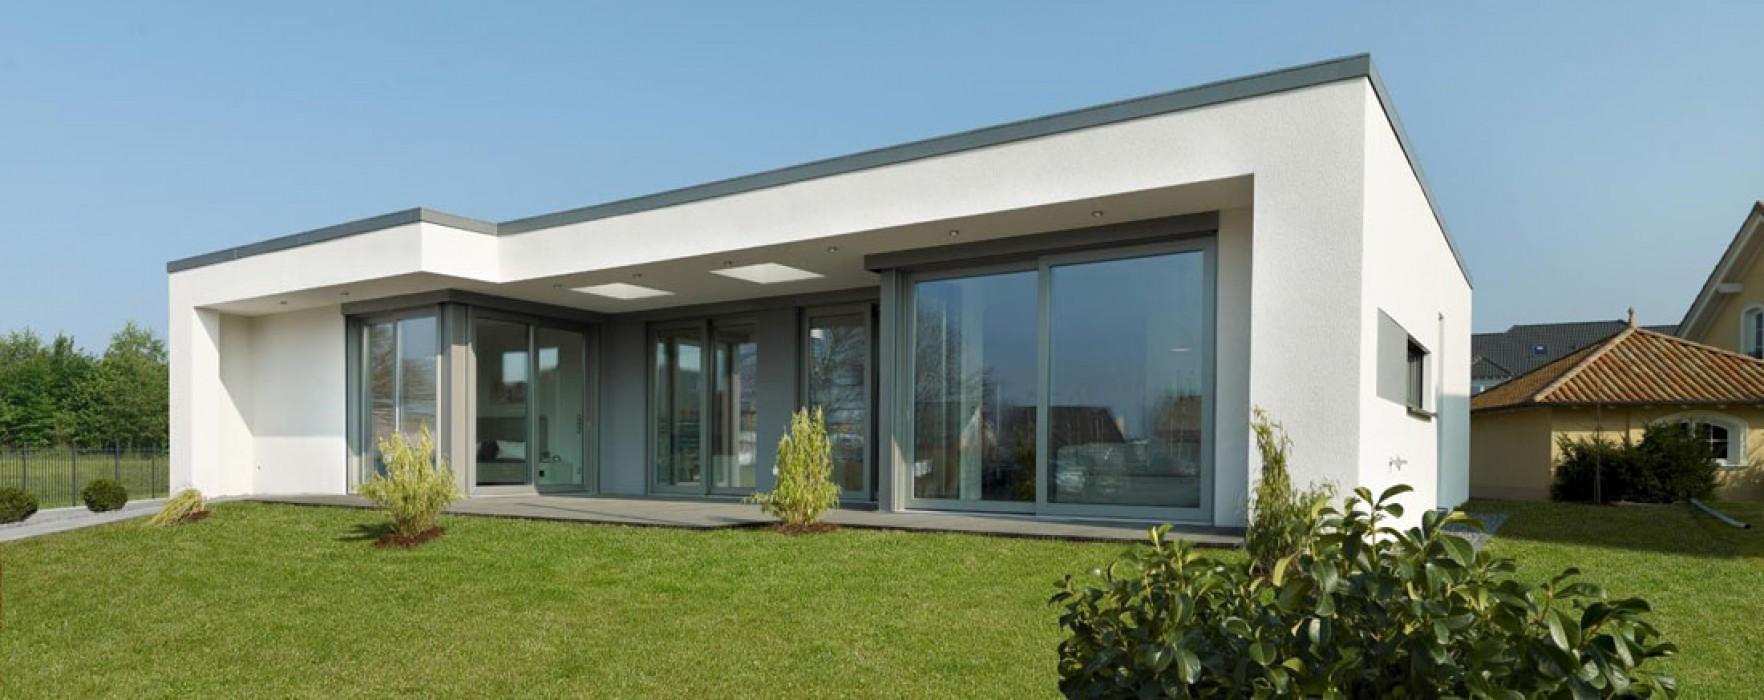 Impianti termici per una casa in x lam for Piani di casa di prossima generazione